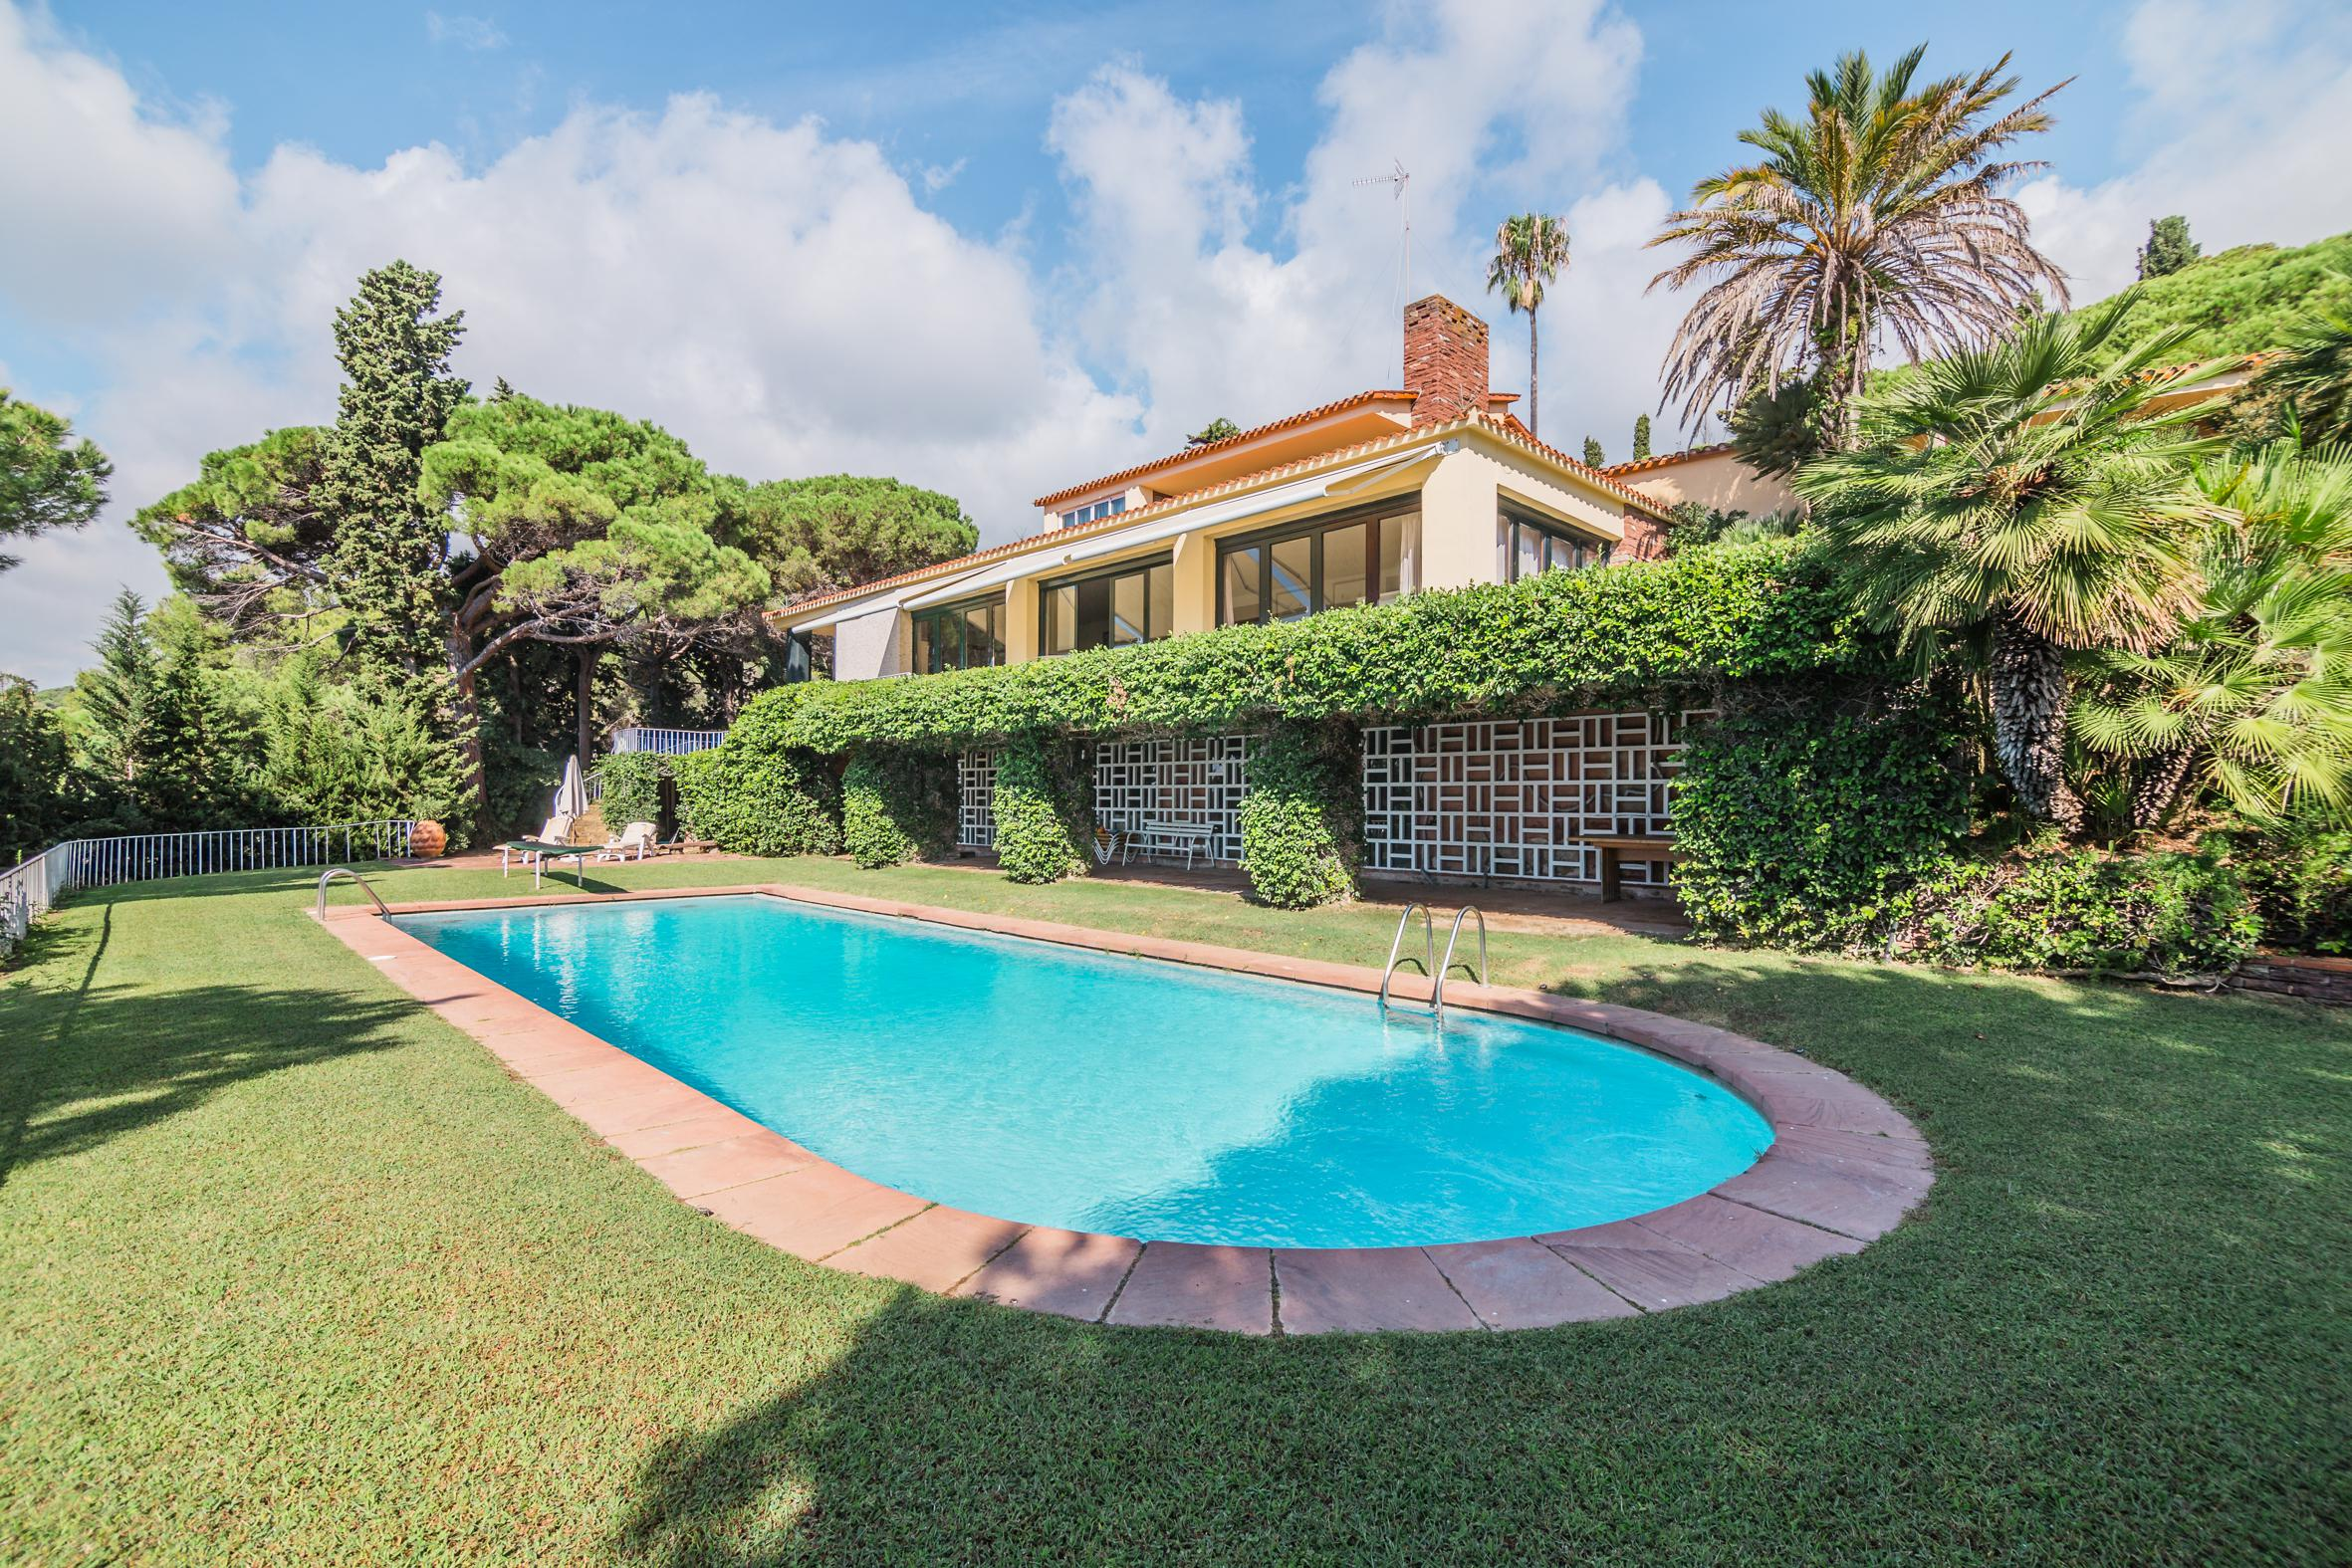 213533 Casa en venta en Sant Andreu de Llavaneres 1